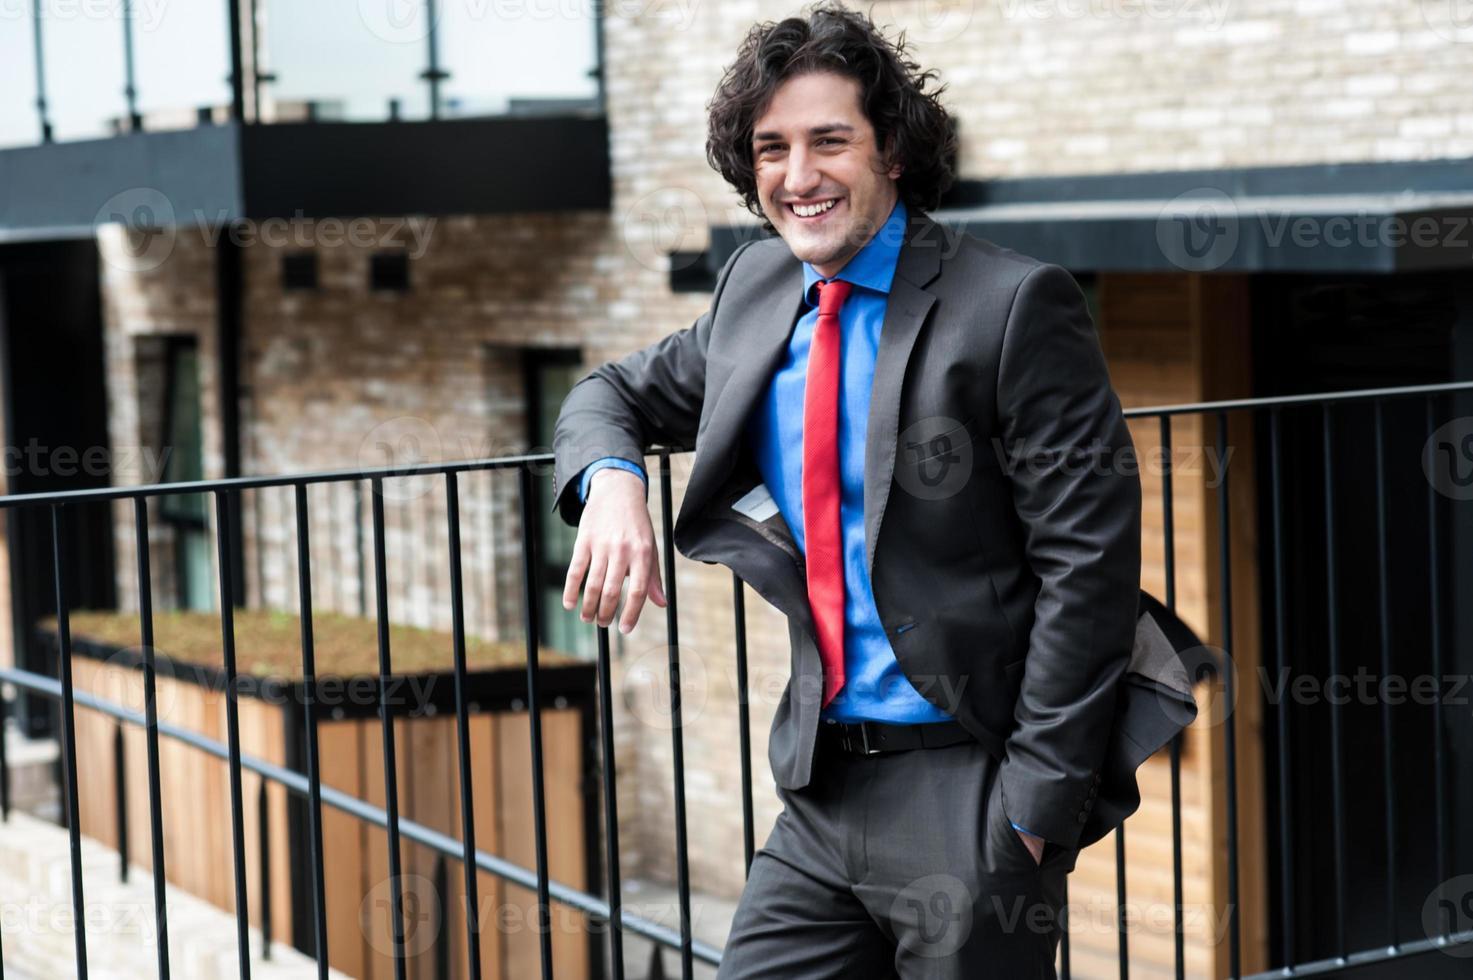 smart manlig professionell som poserar avslappnad, utomhus foto